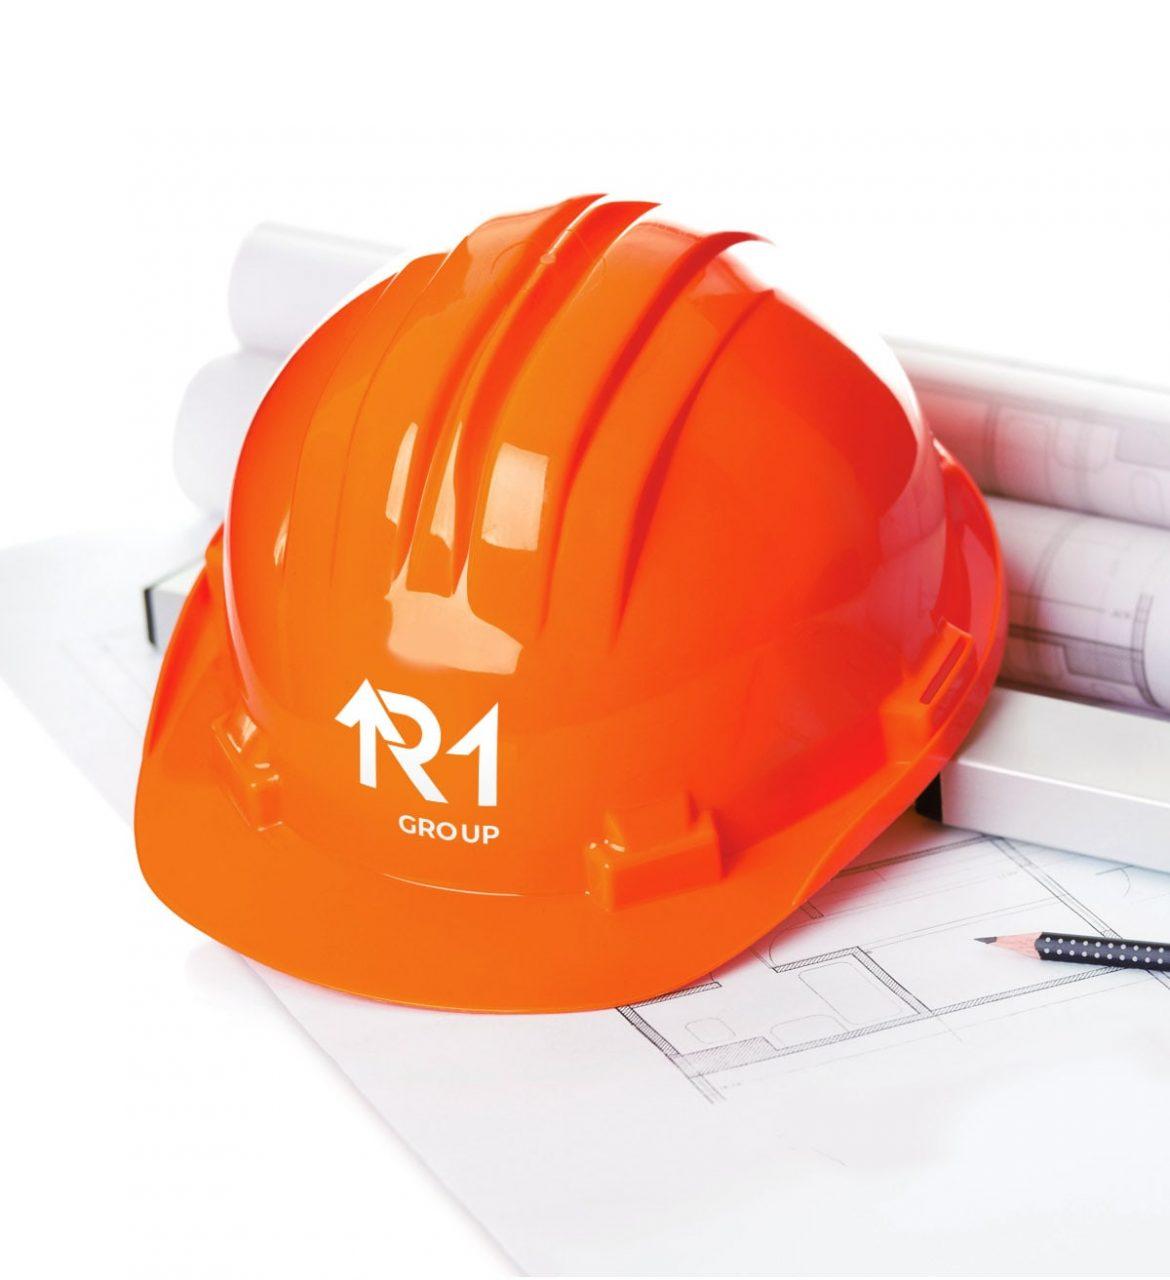 дизайн логотипа девелоперской компании R1